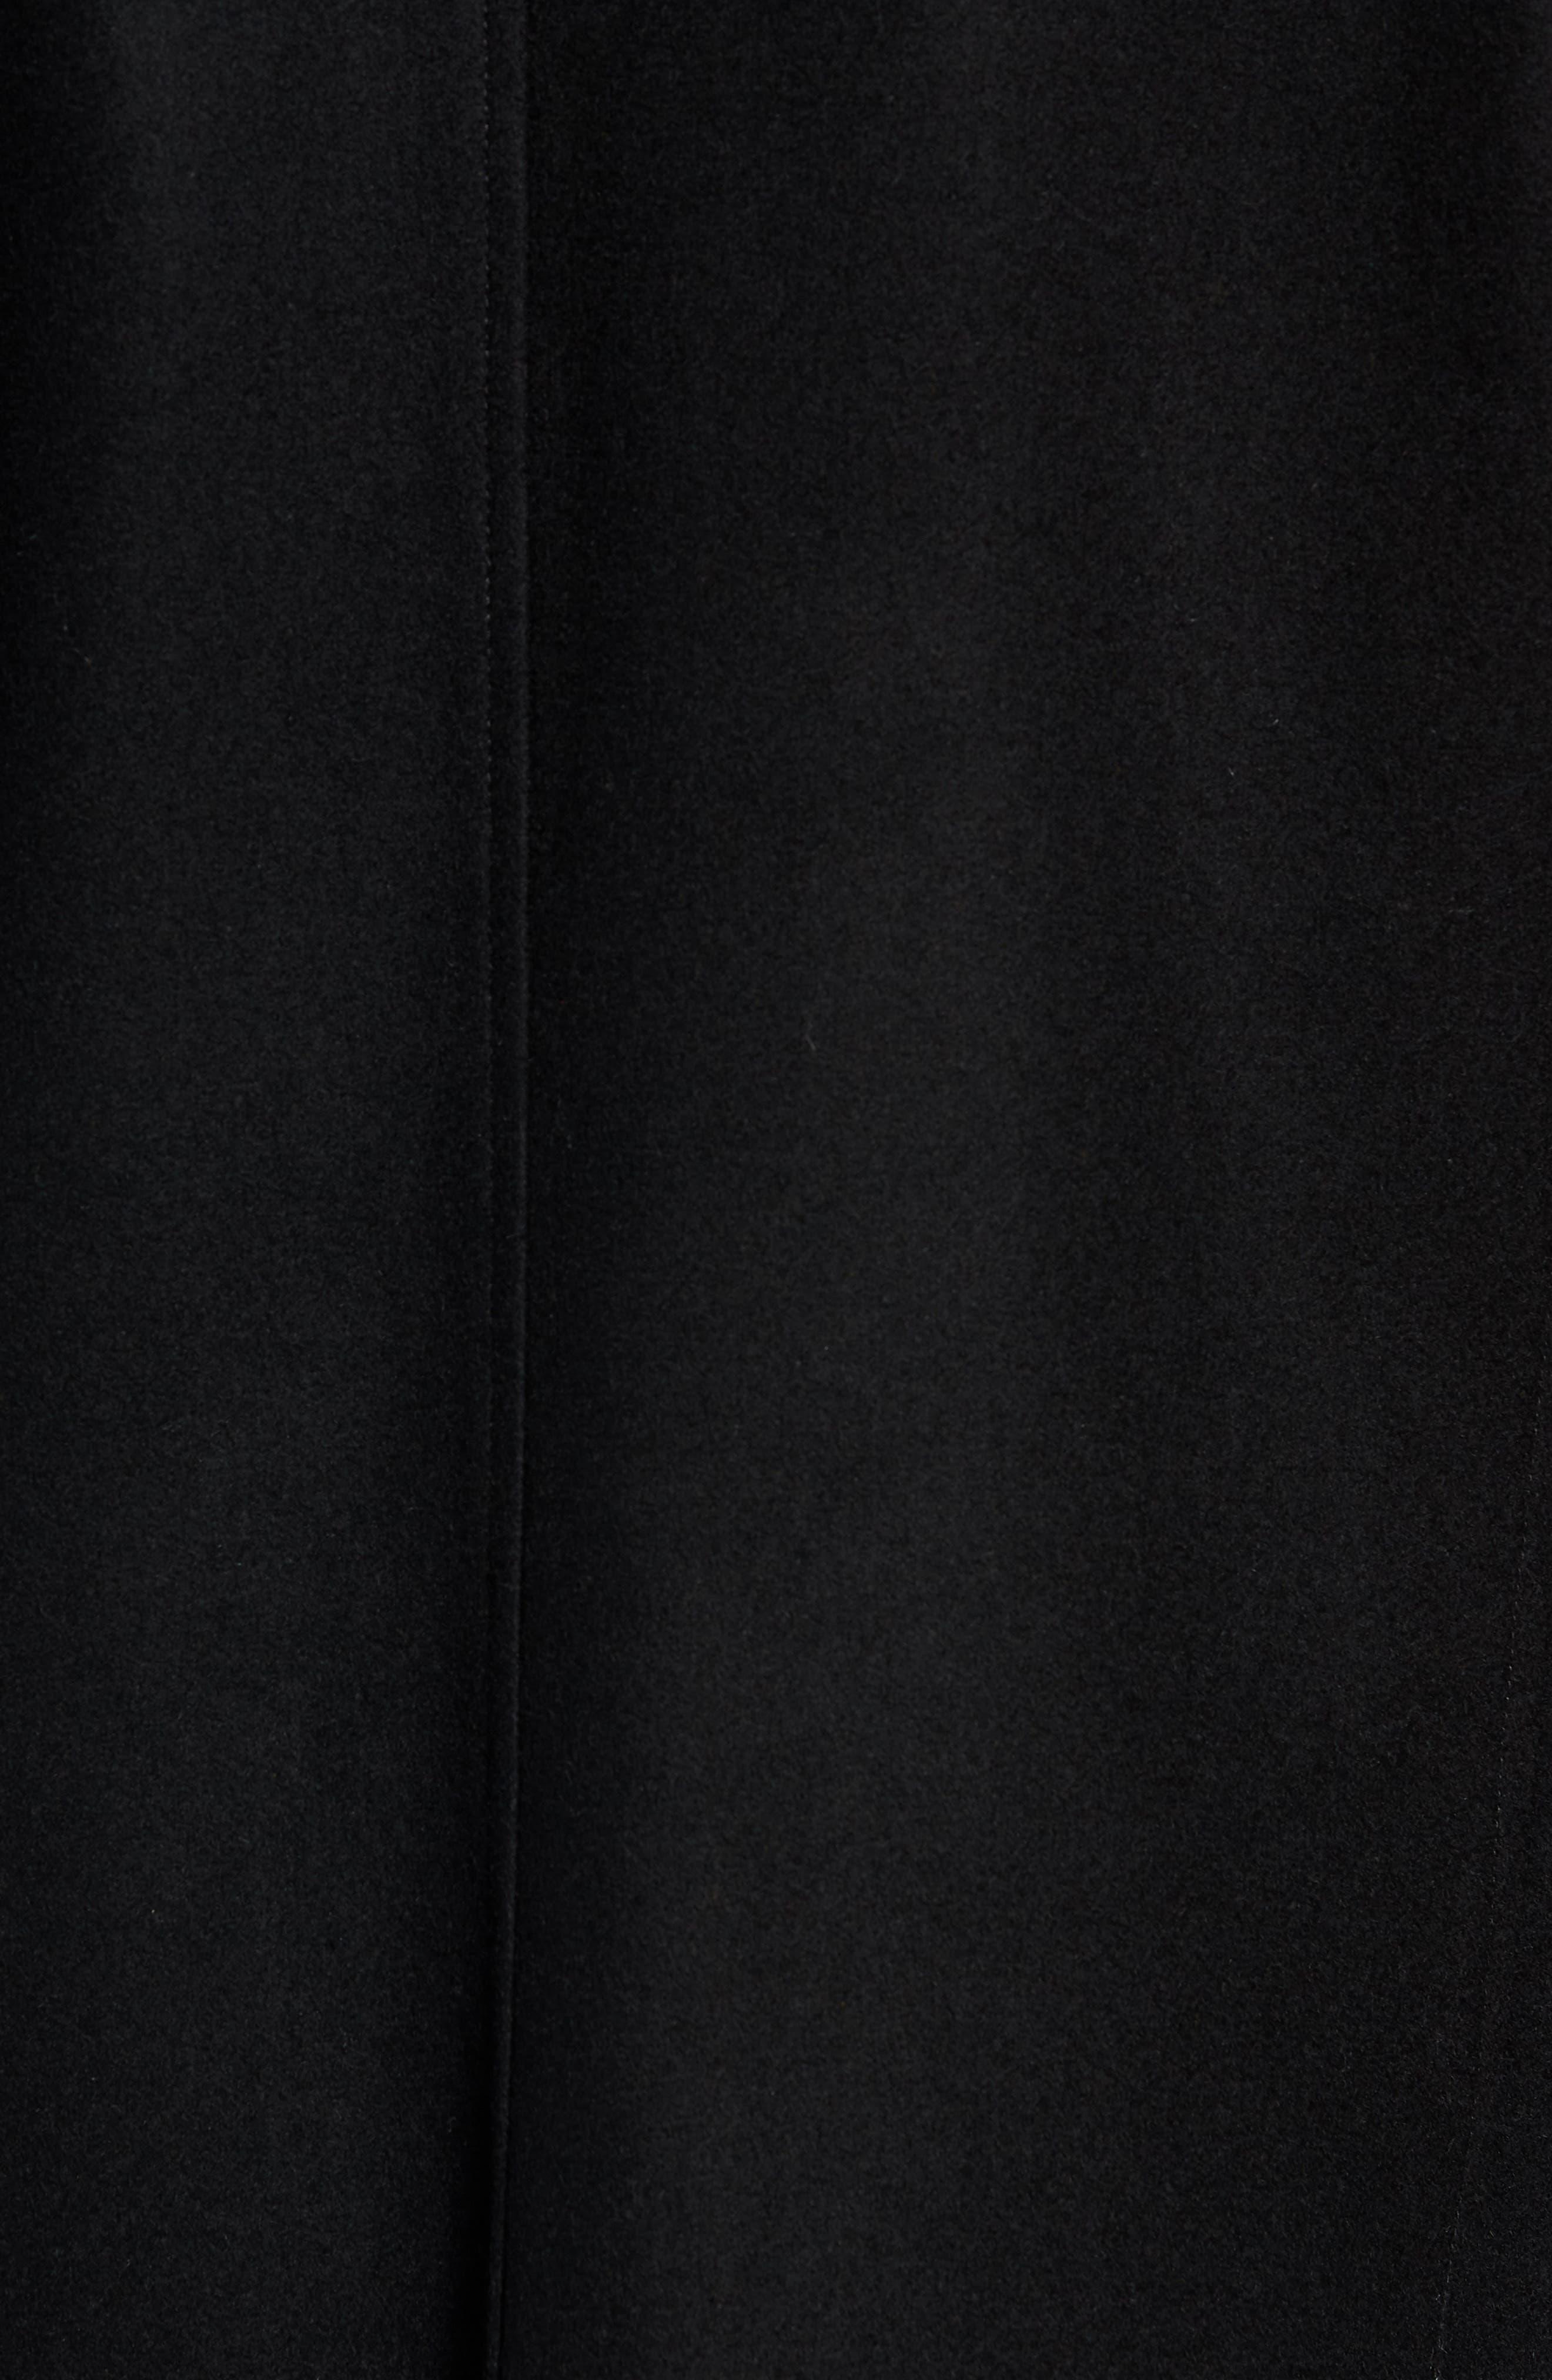 Melton Car Coat with Removable Bib,                             Alternate thumbnail 7, color,                             BLACK